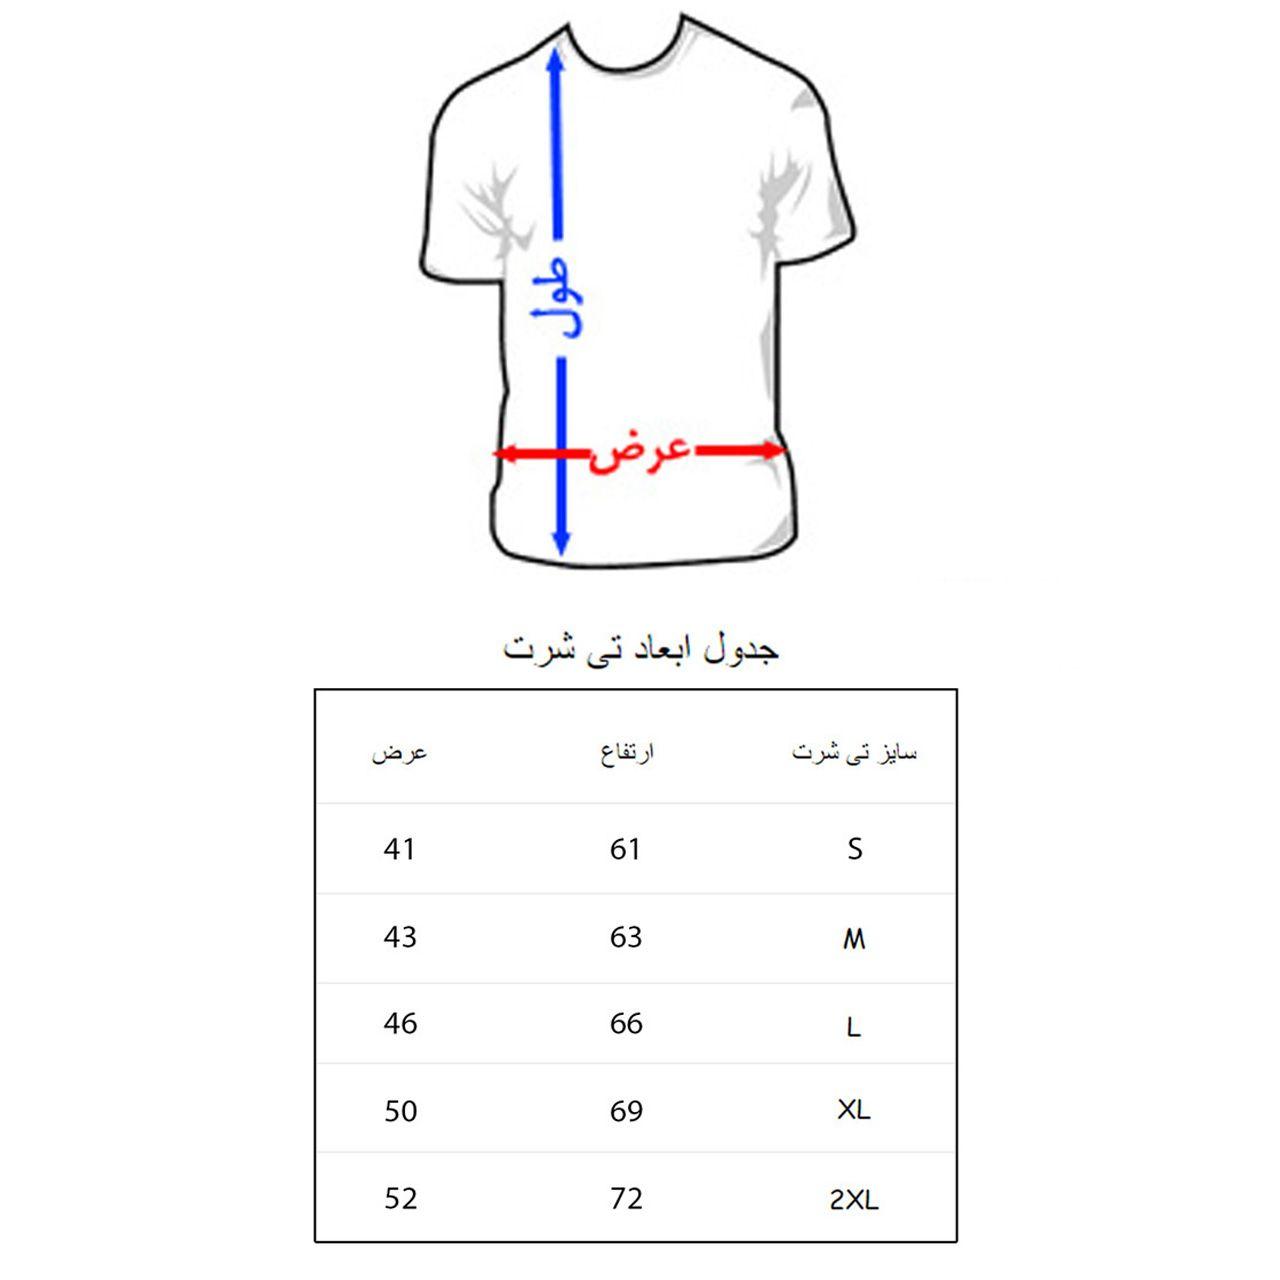 تی شرت مردانه به رسم طرح پاریس کد 3376 -  - 3